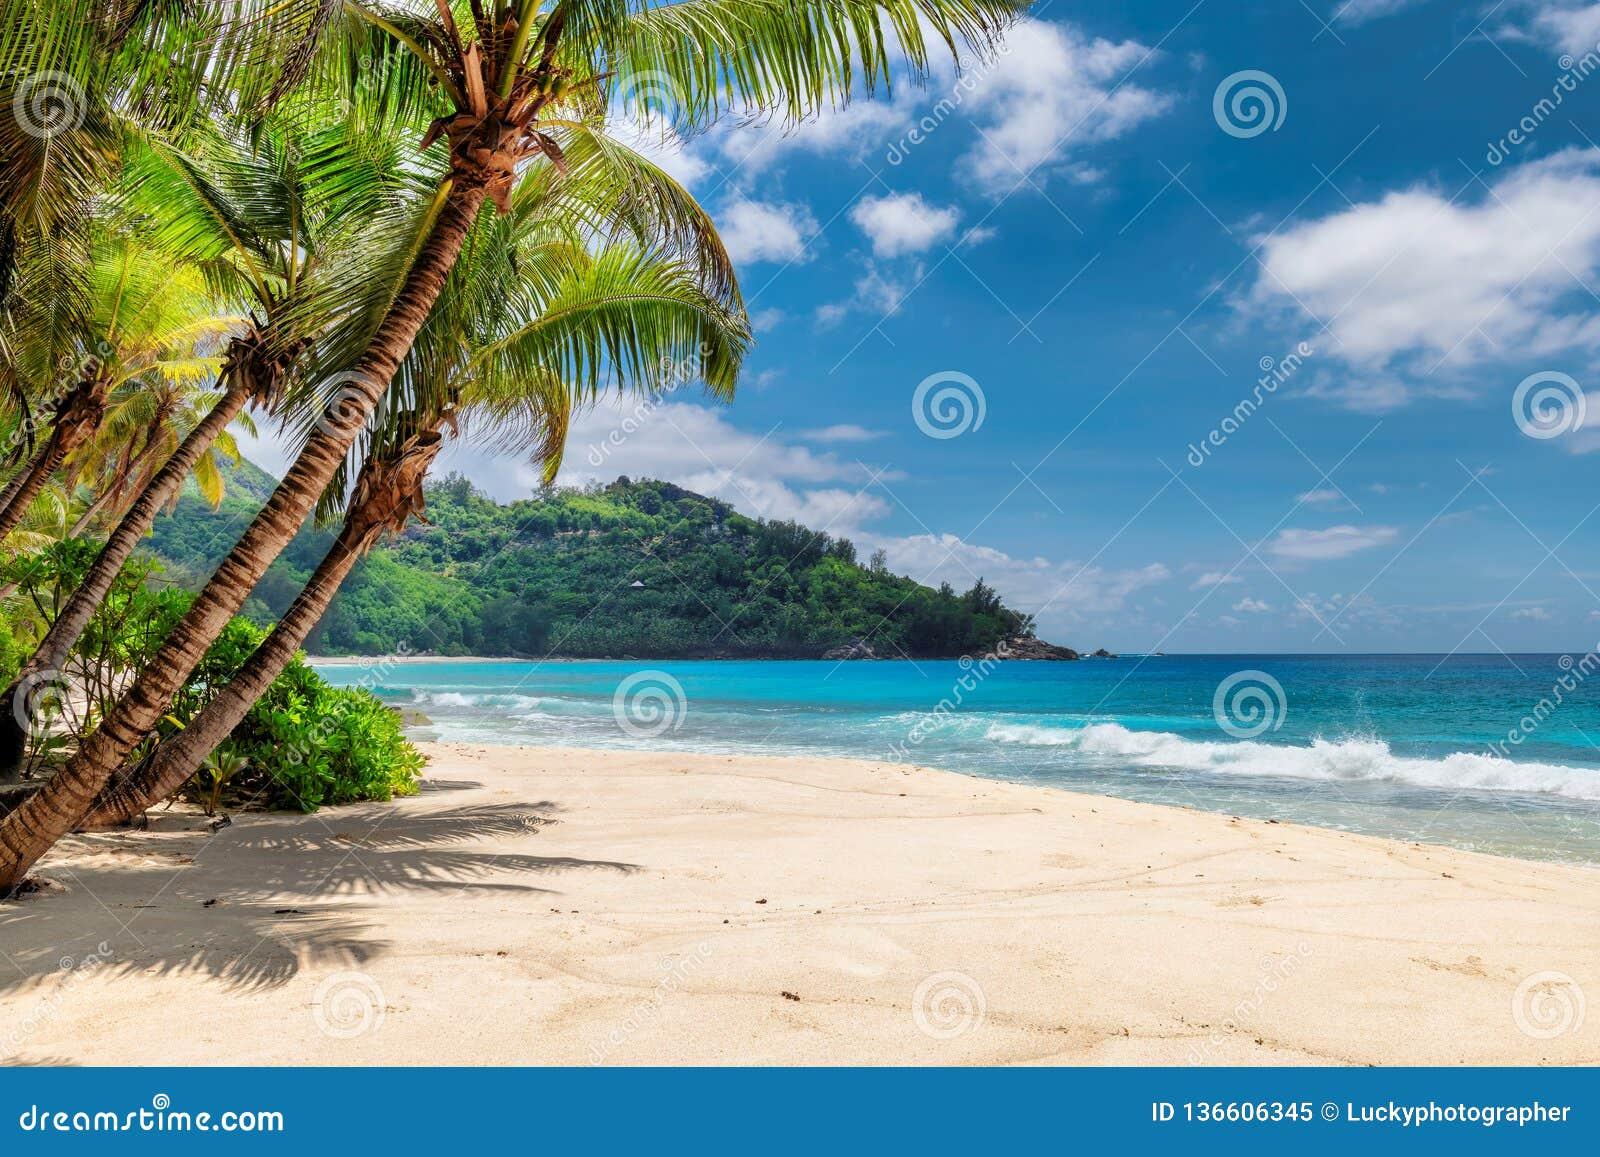 Ладони и тропический пляж с белым песком